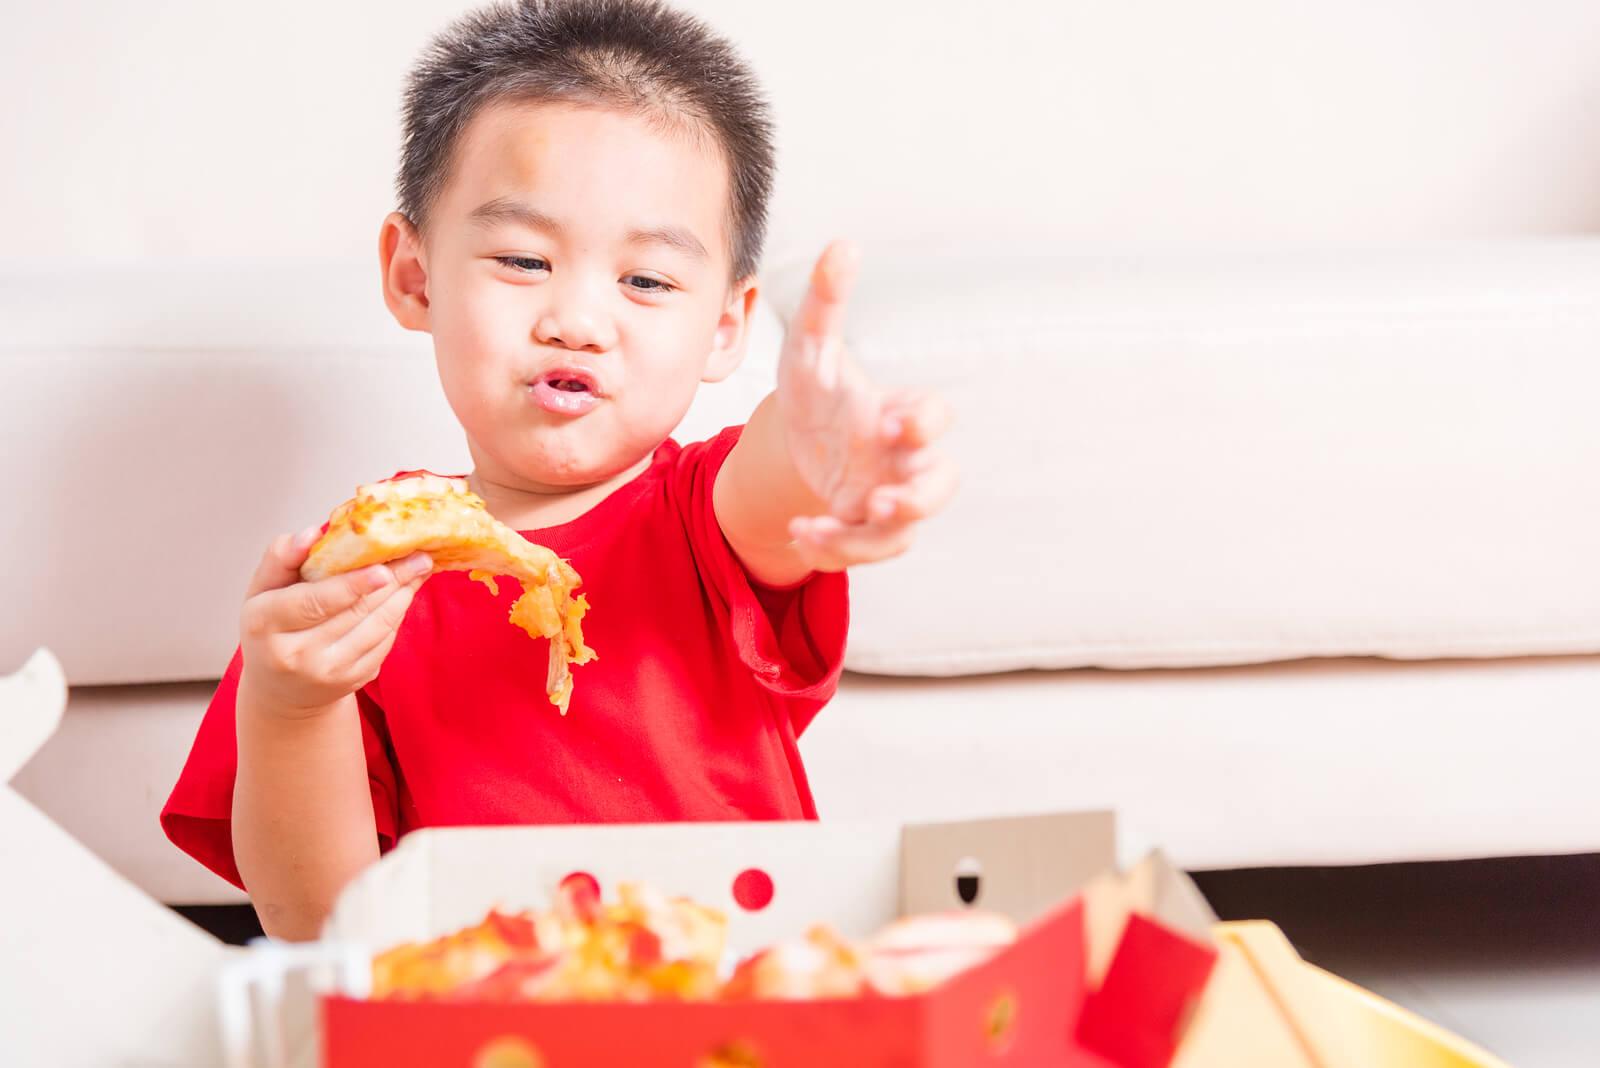 Niño comiendo pizza de un menú infantil, uno de los factores implicados en la regulación del apetito en niños.